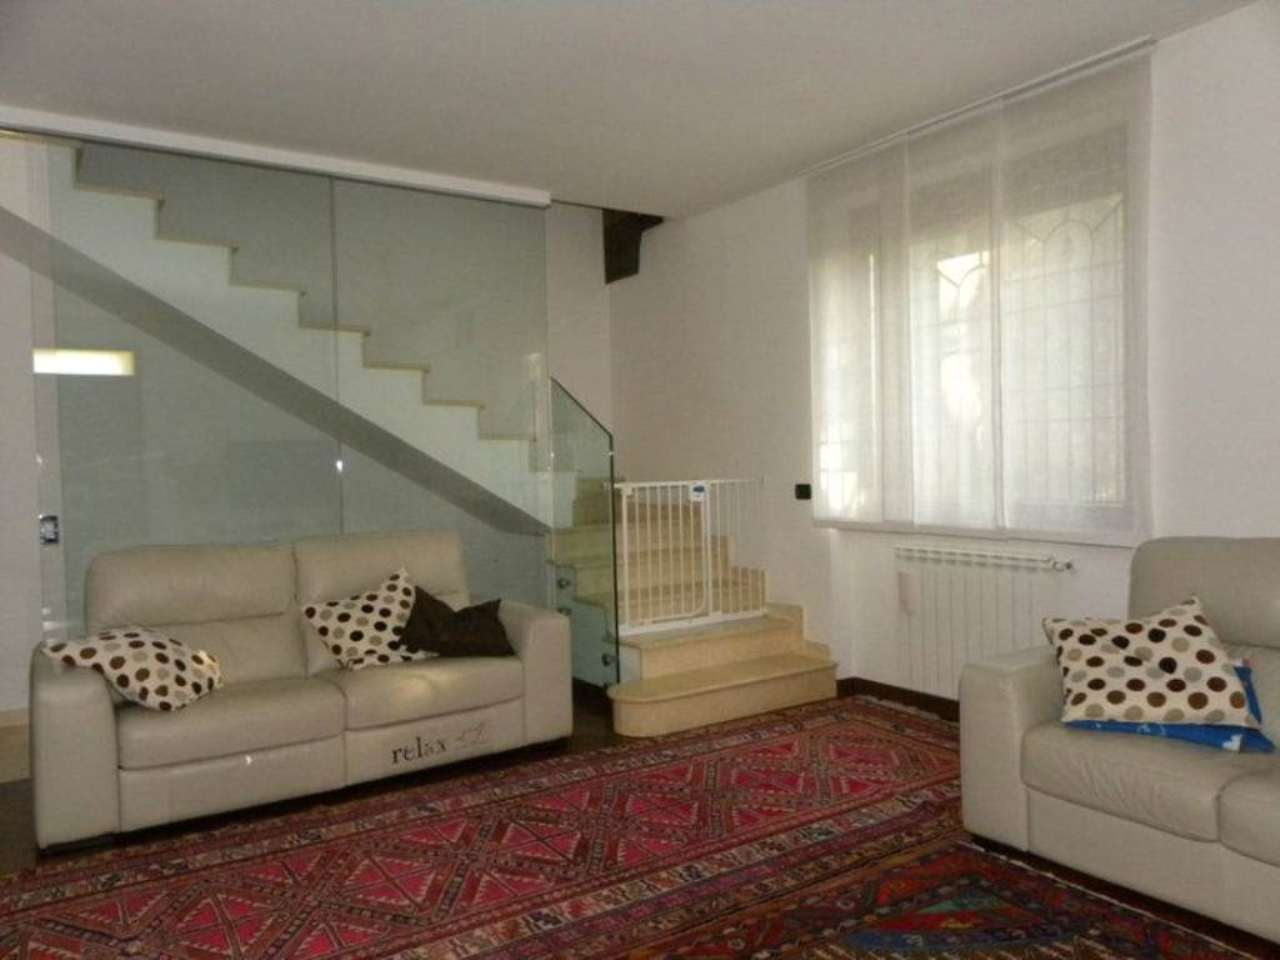 Villa in vendita a San Giuliano Milanese, 4 locali, Trattative riservate | Cambio Casa.it